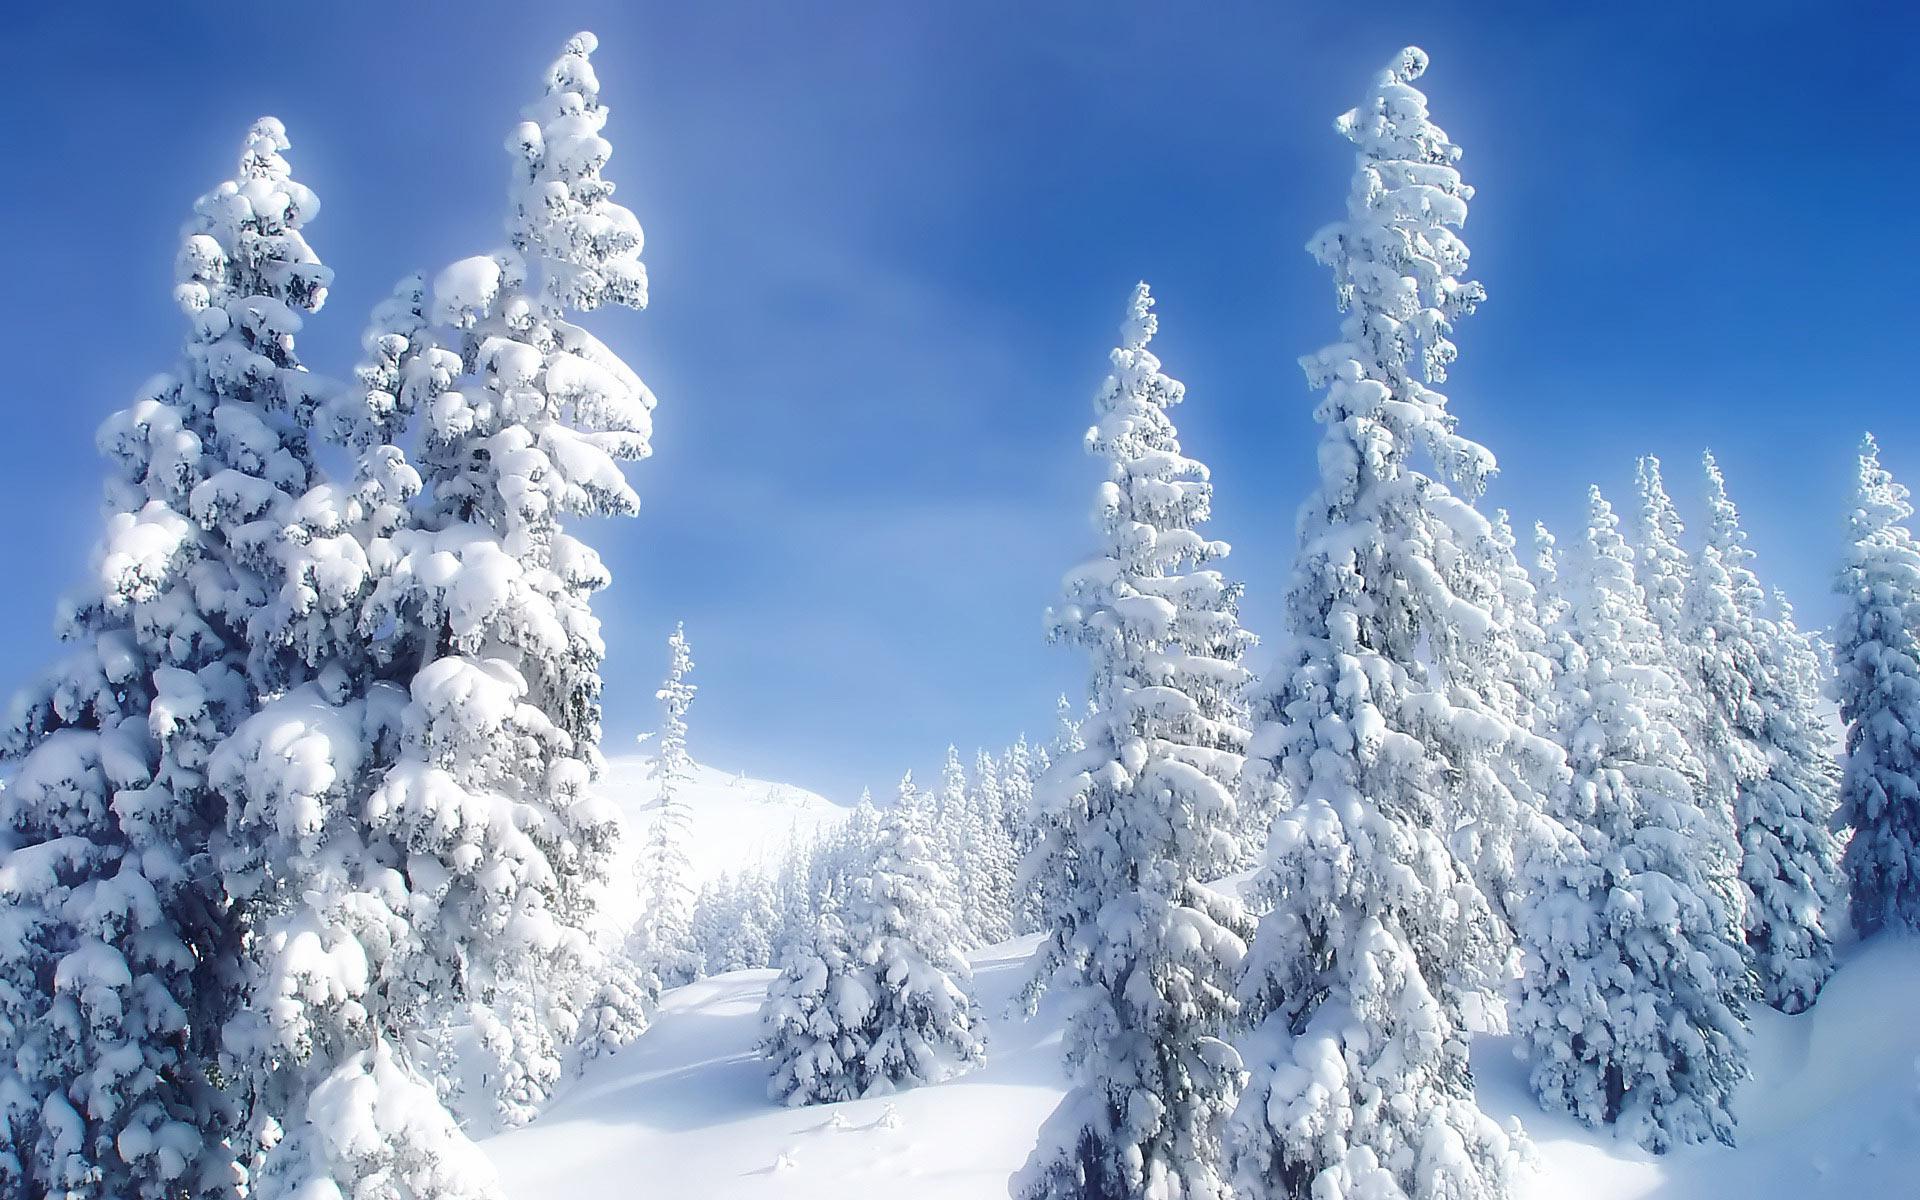 Snowy fir trees wallpaper 1137 1920x1200